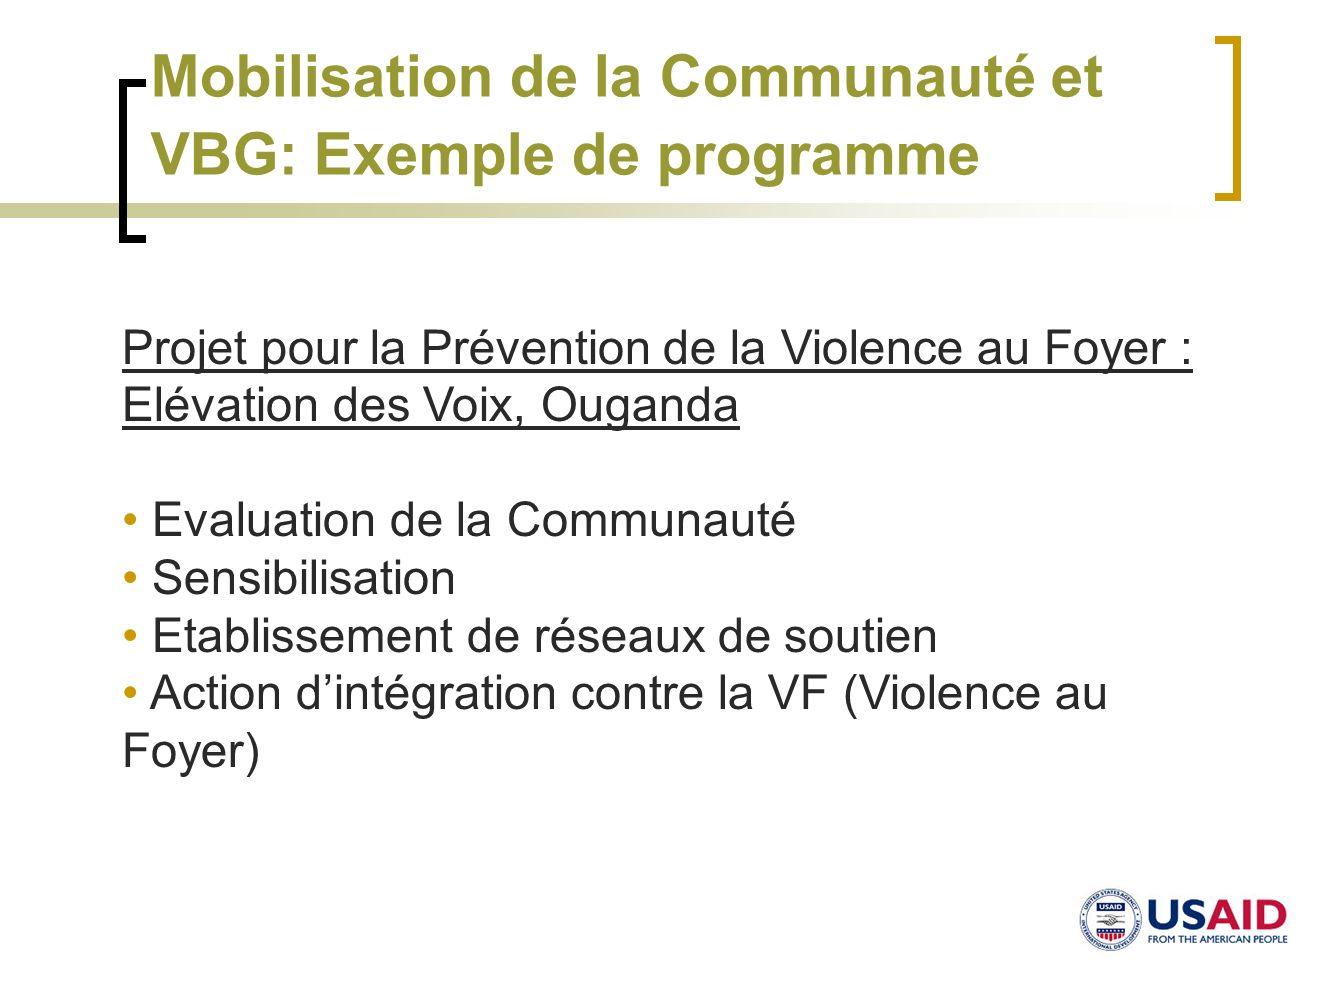 Mobilisation de la Communauté et VBG: Exemple de programme